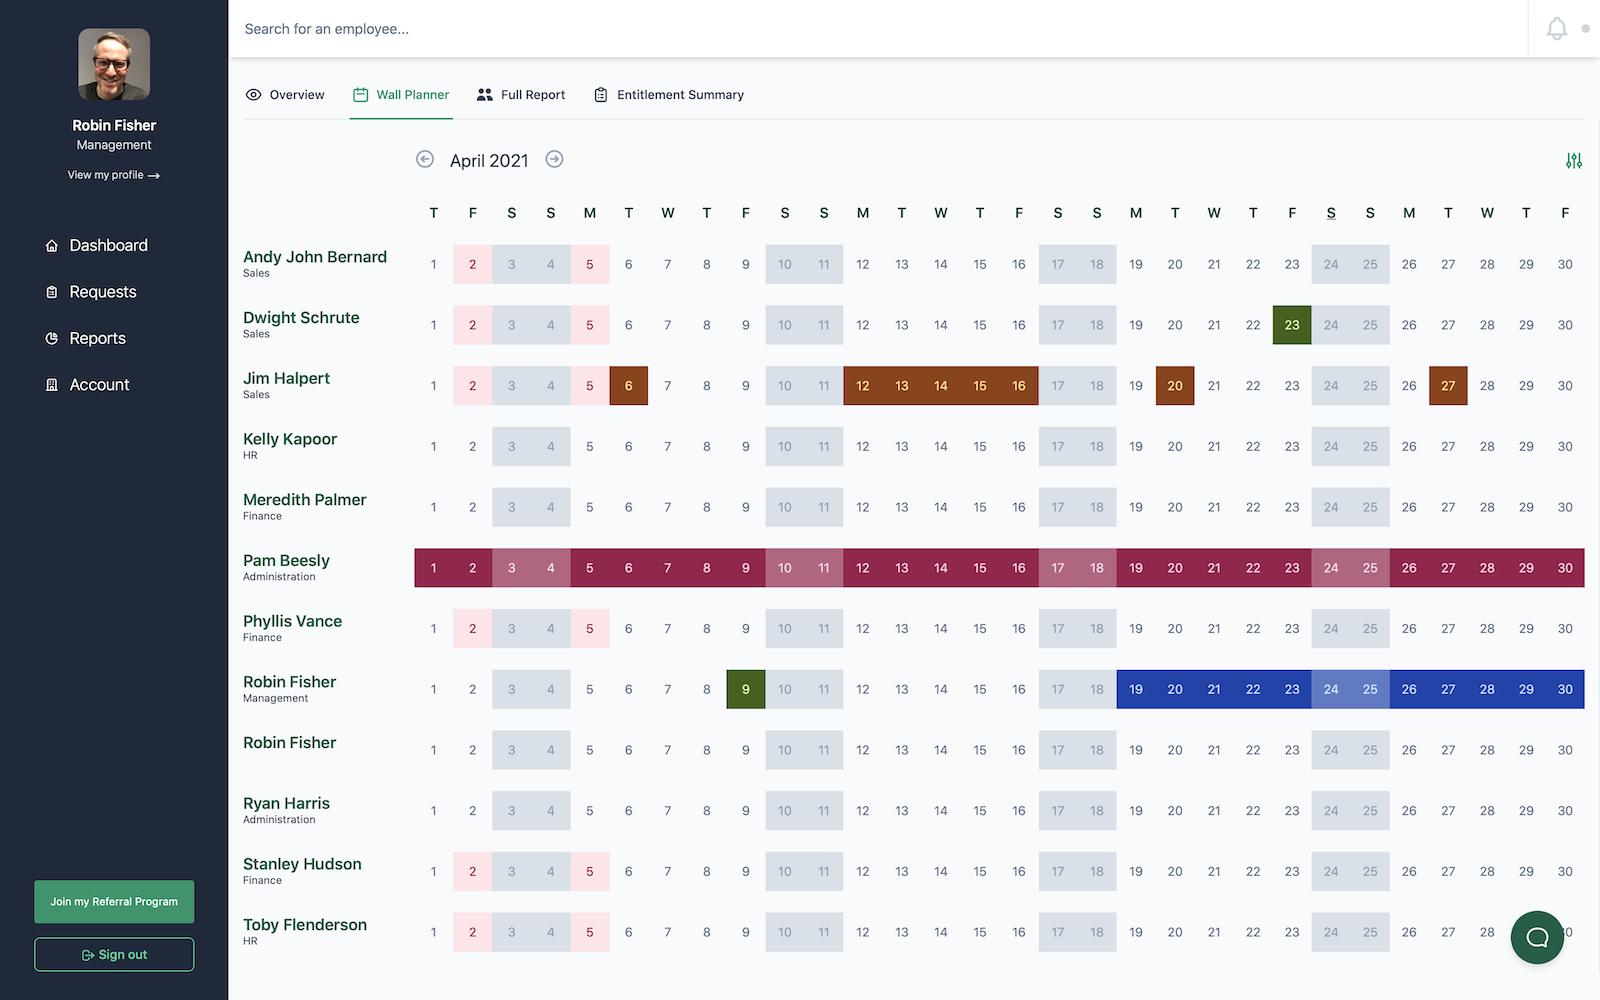 Screenshot of wall planner